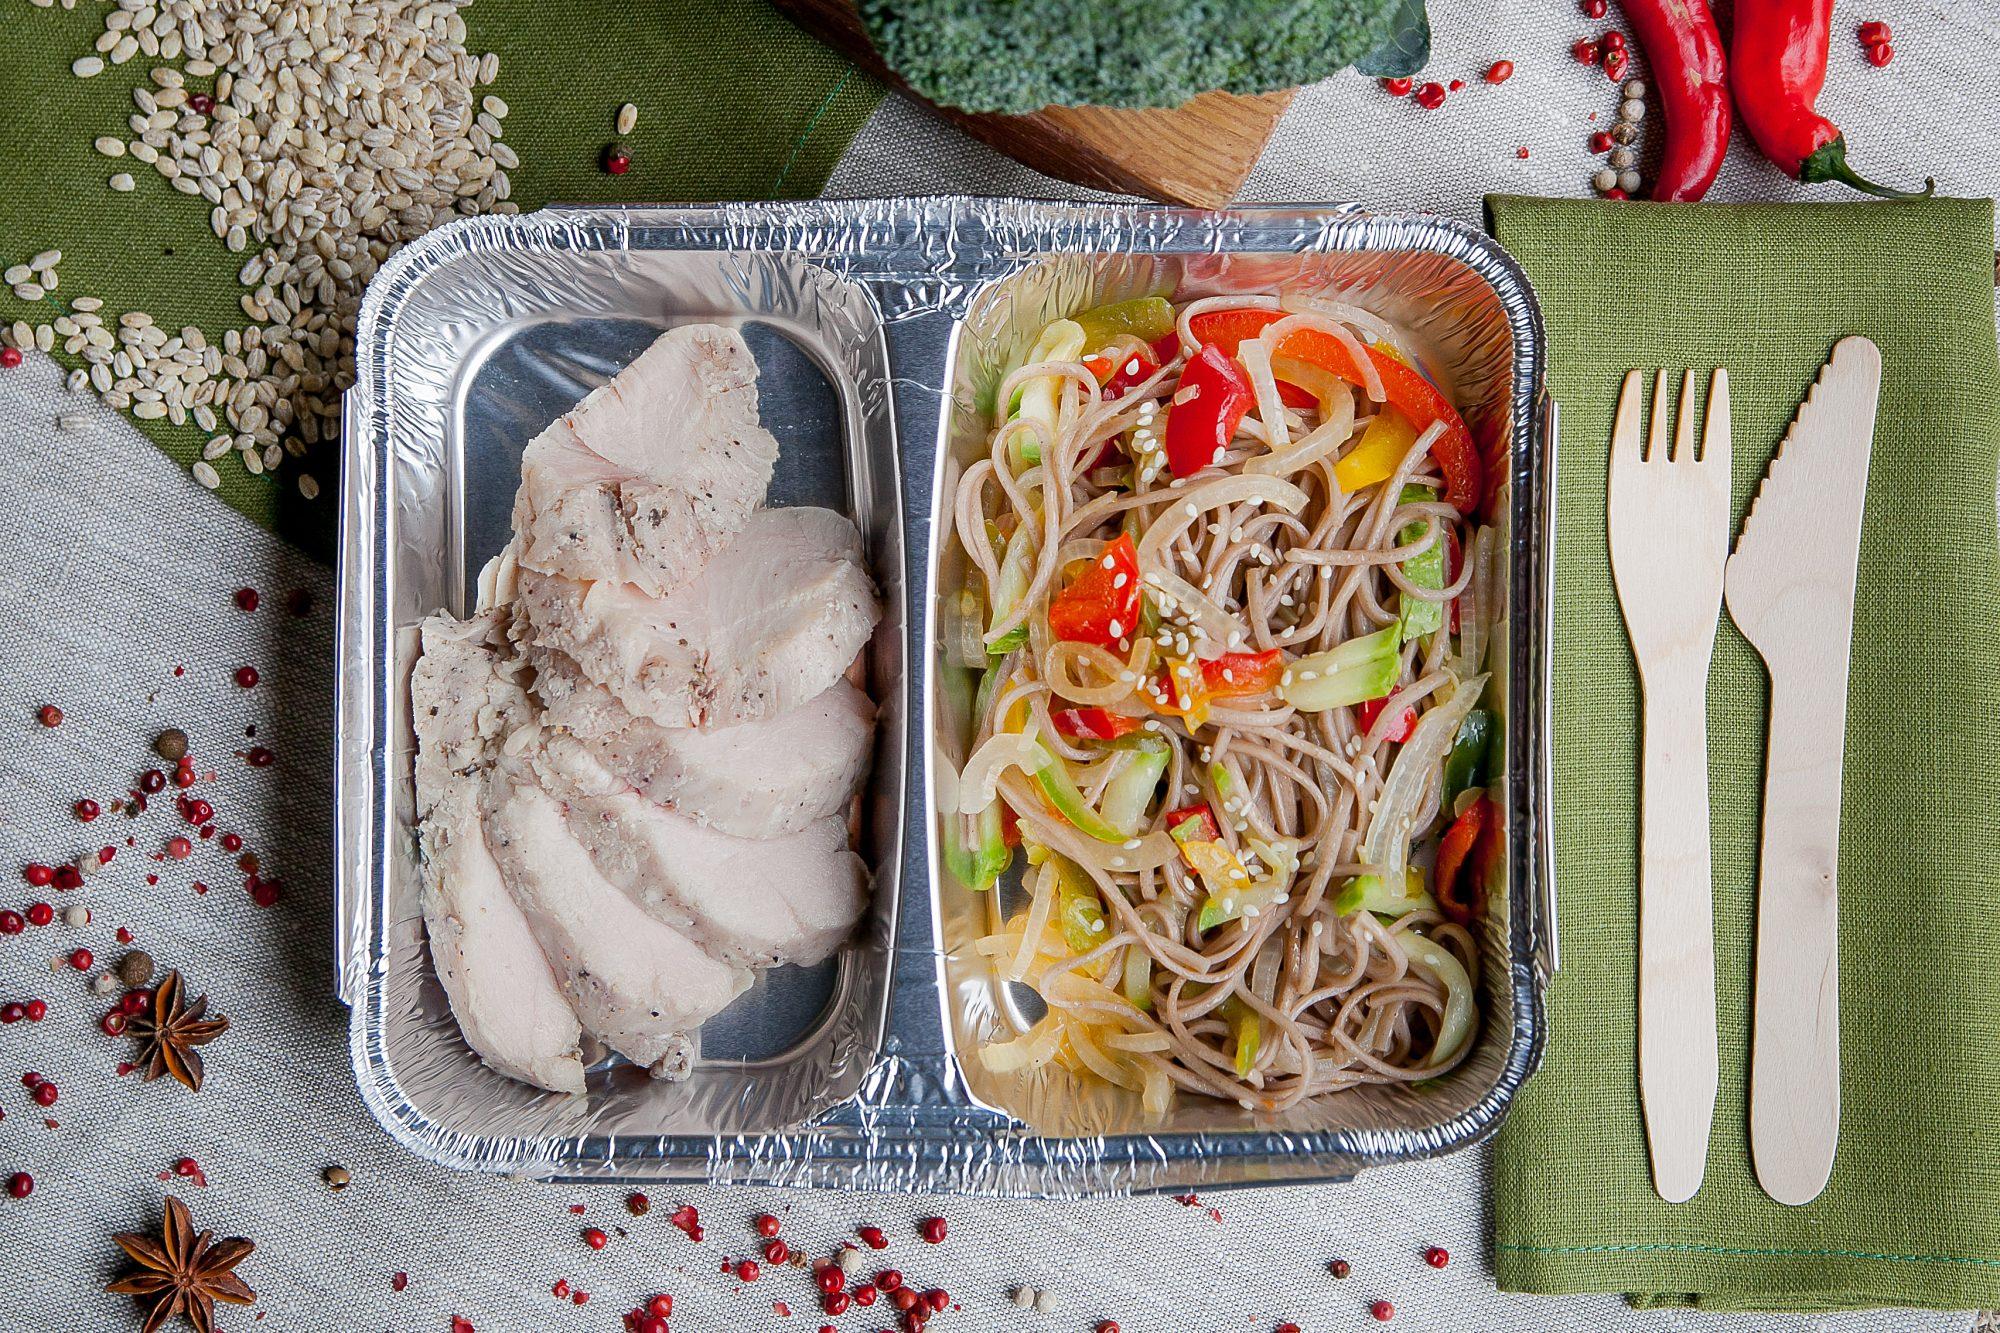 фото правильного питания в контейнерах